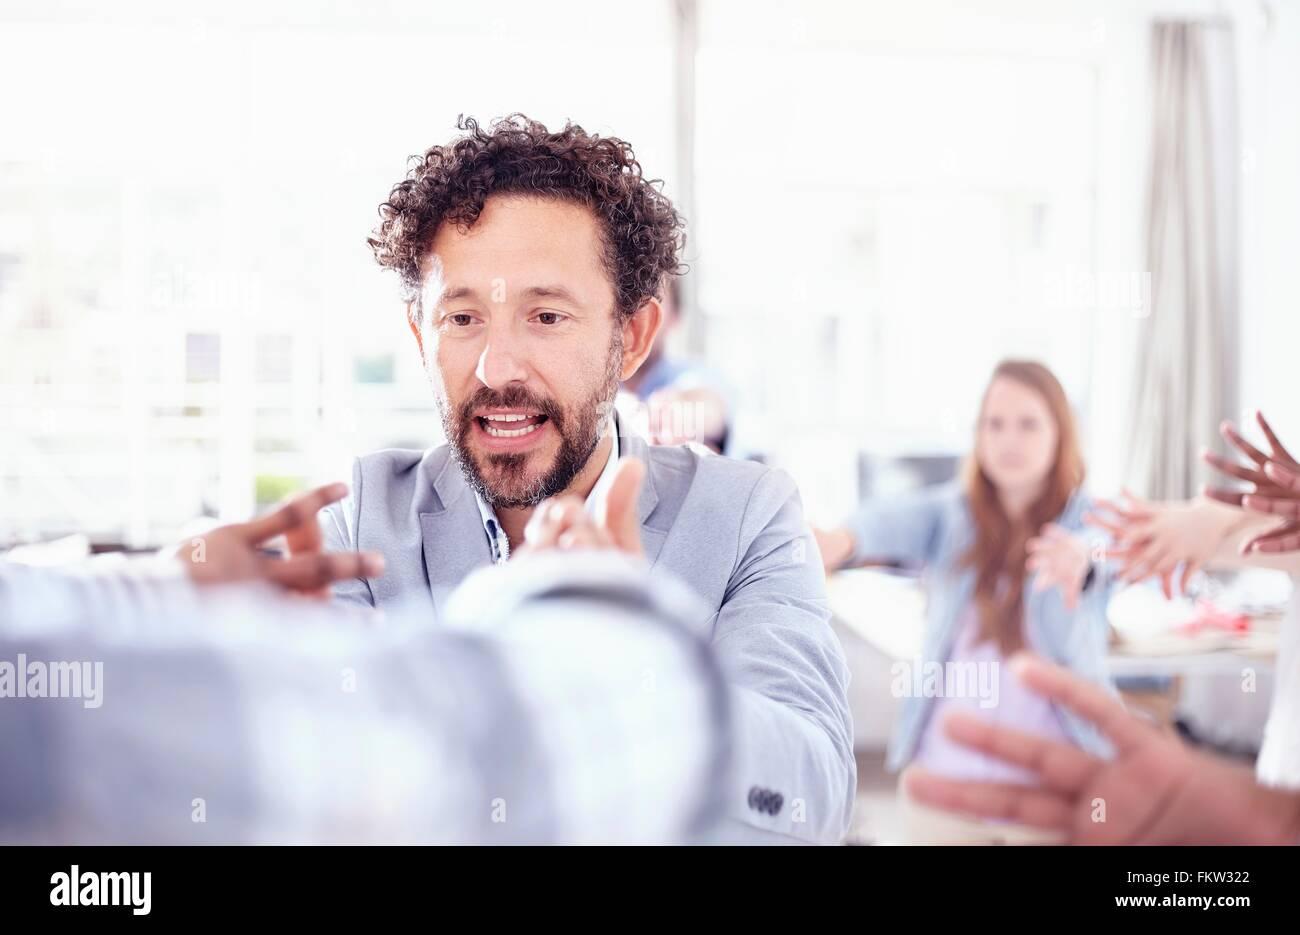 Barbuto uomo maturo in team building permette di parlare tenendo le mani sollevate sorridente Immagini Stock